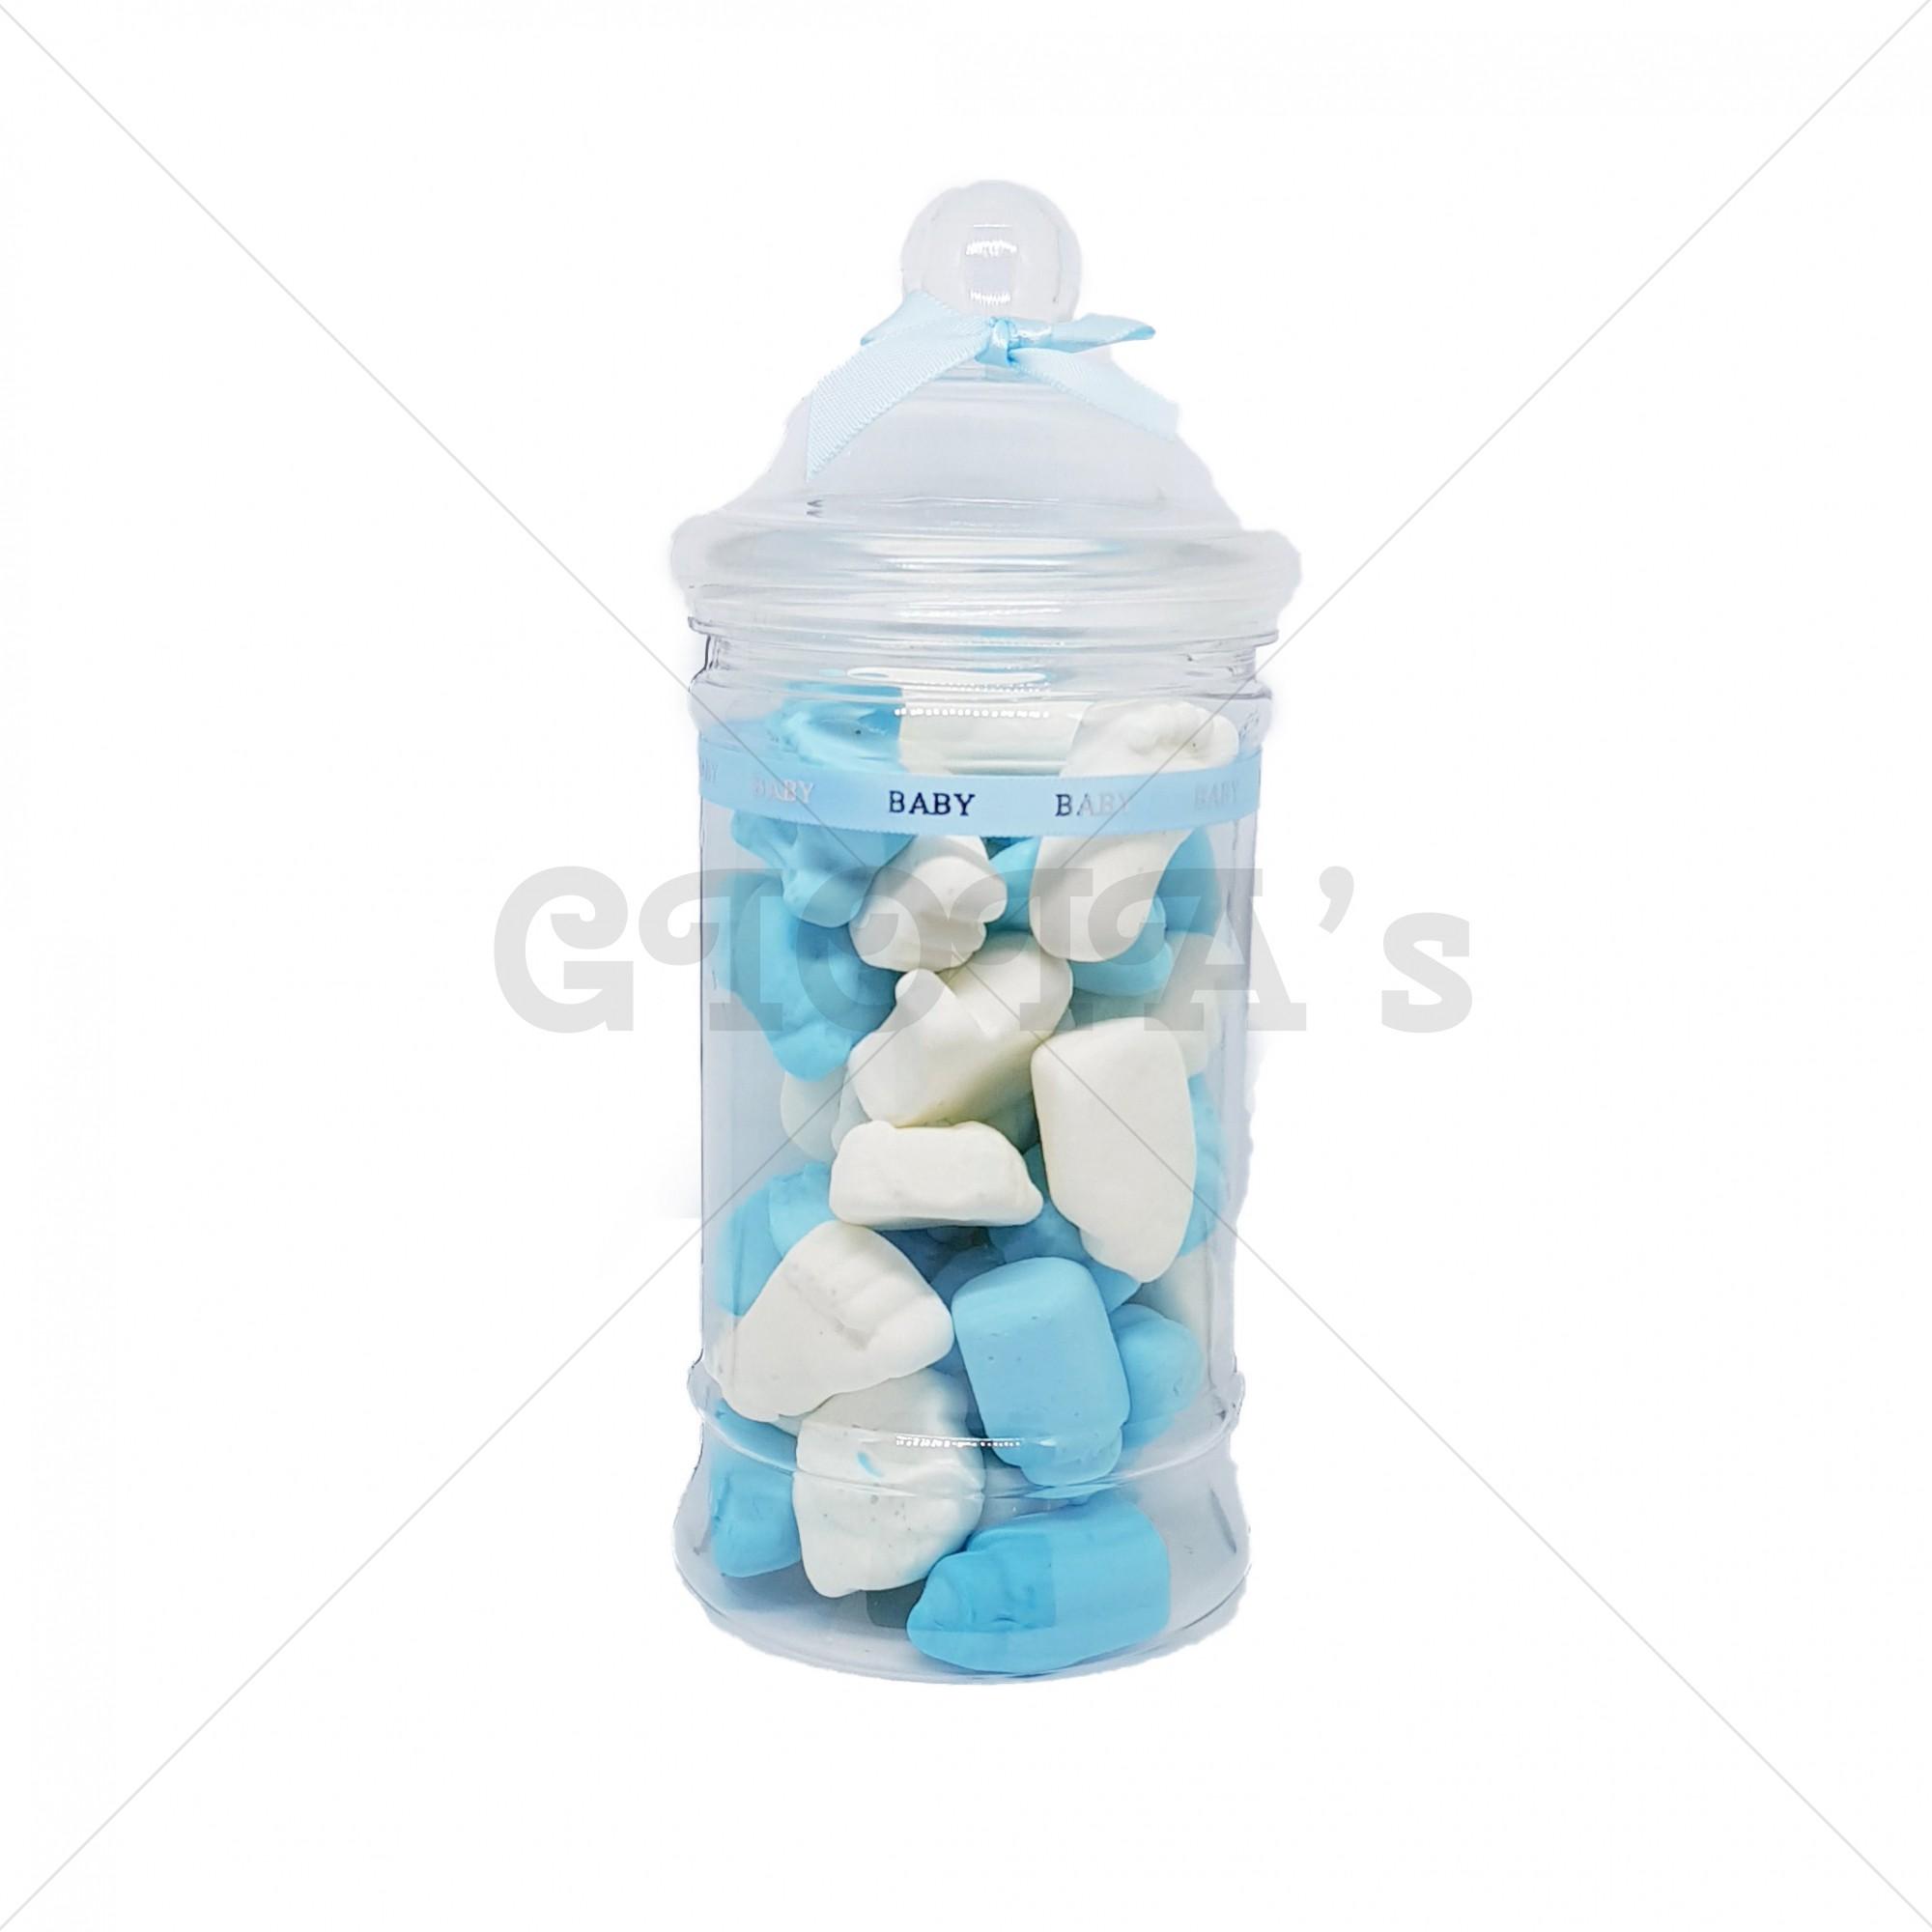 Snoeppot - blauw-wit schuim babyshower